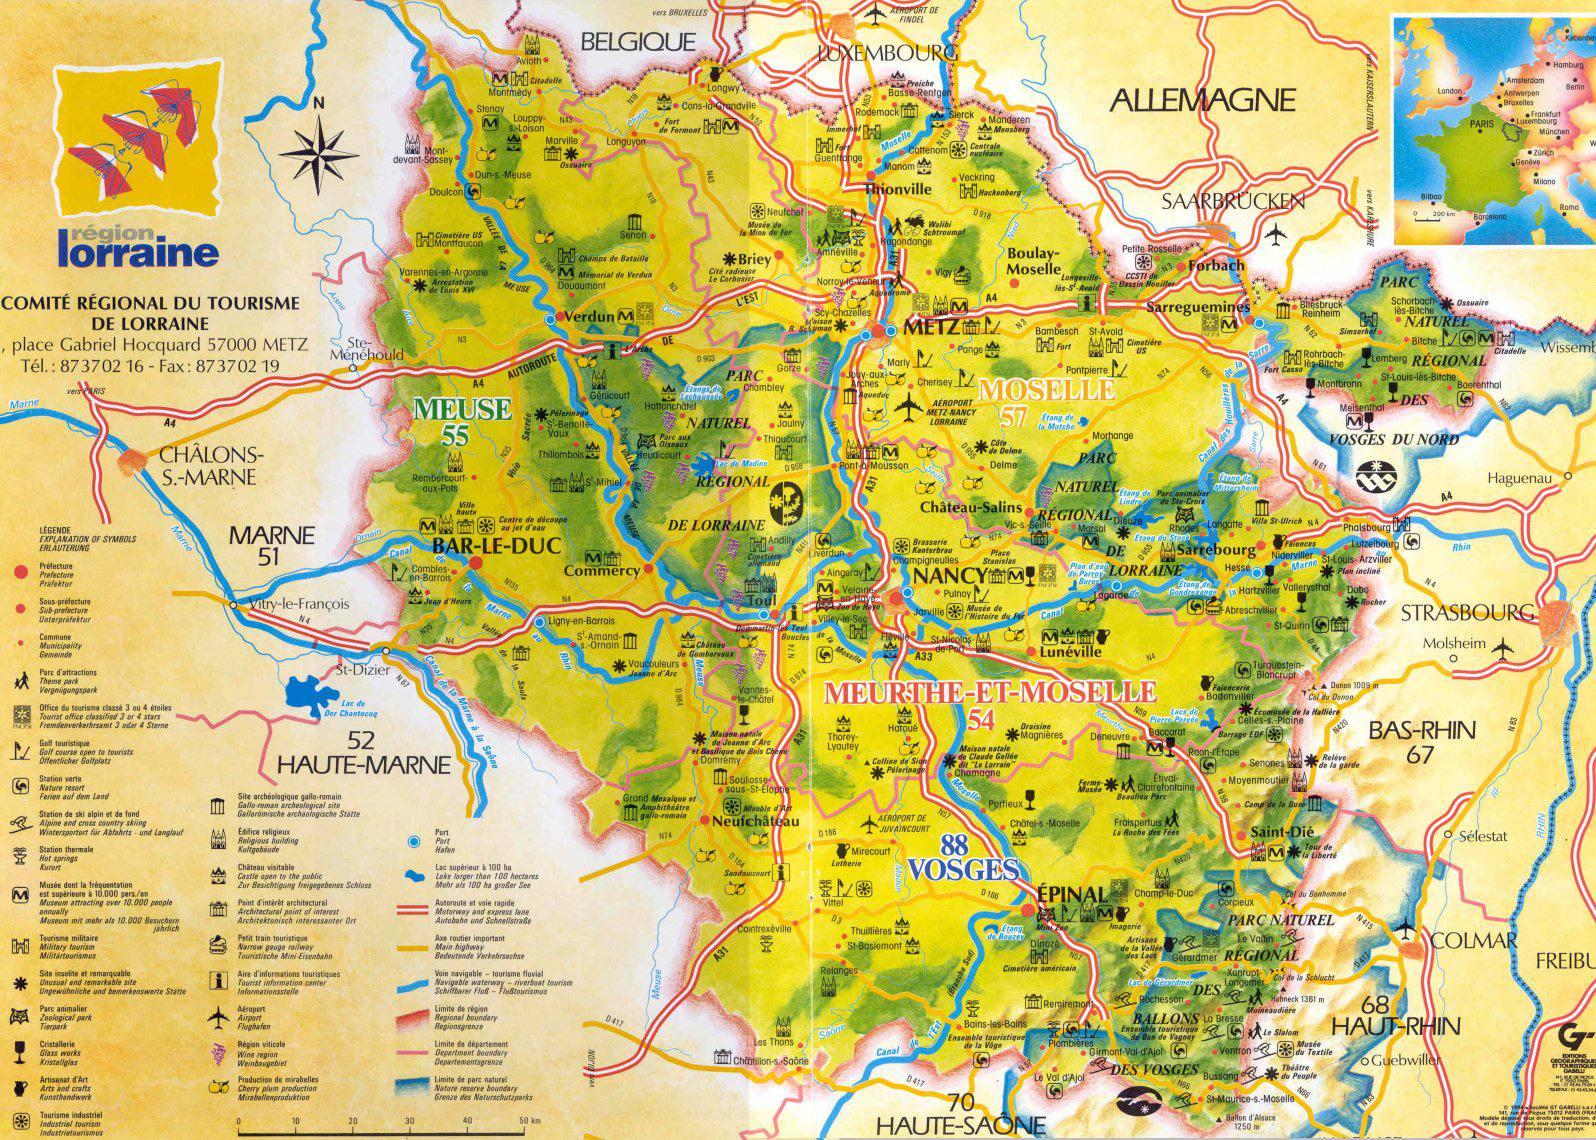 Carte des sites touristiques de la Lorraine